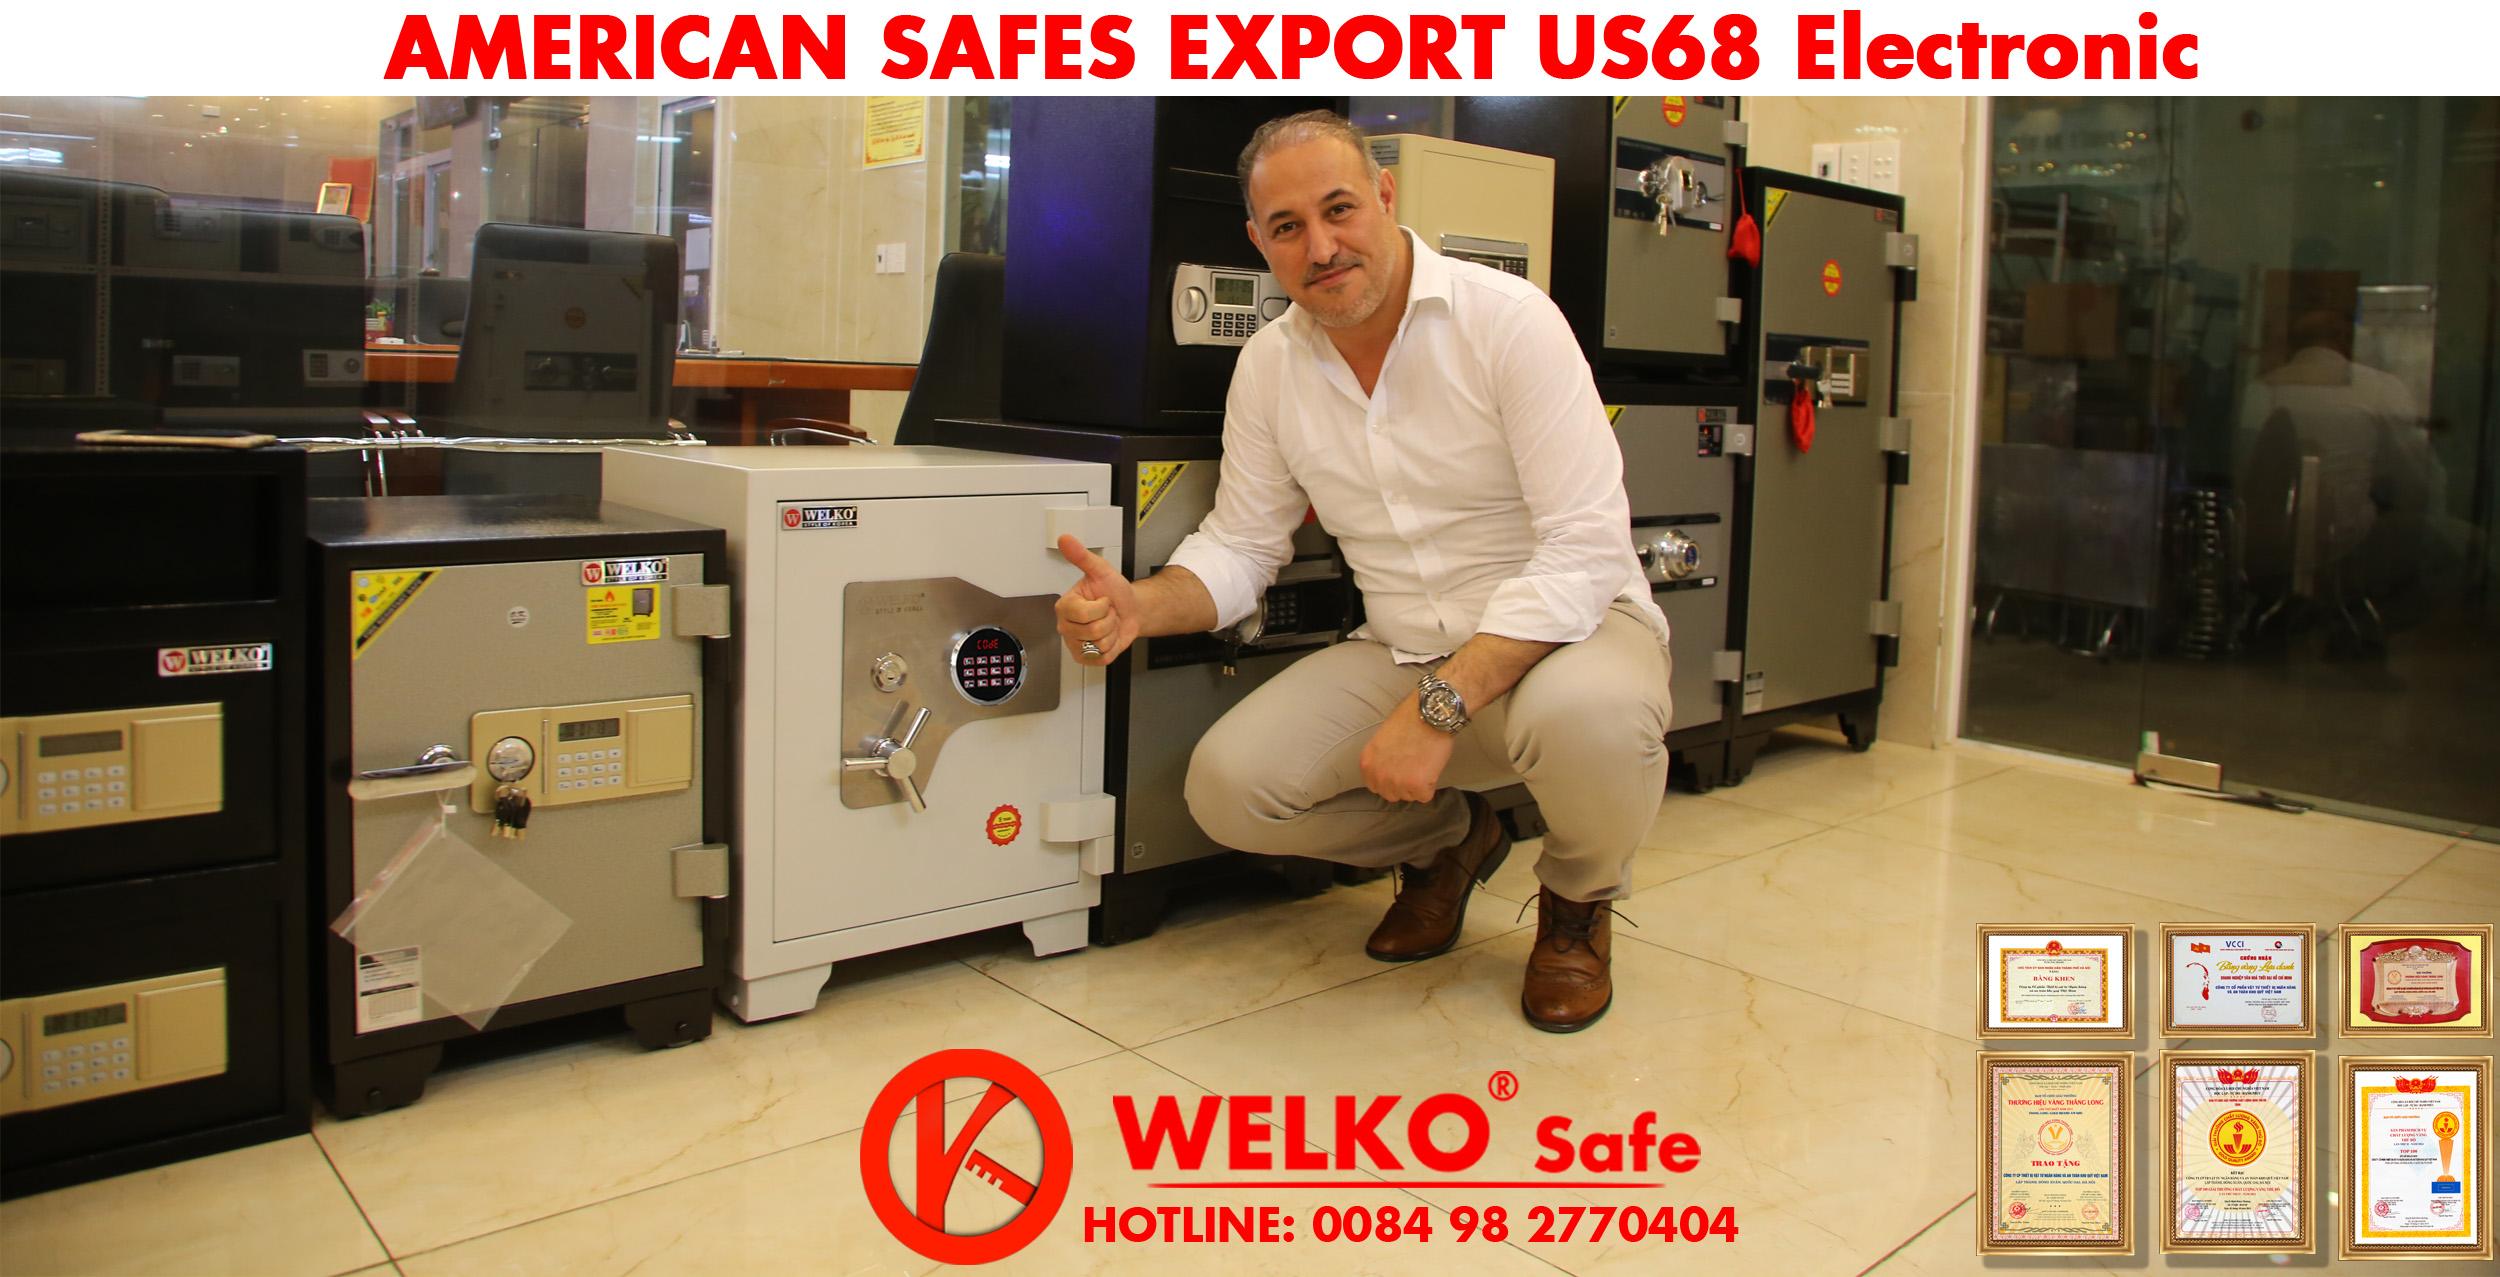 hình ảnh sản phẩm Két Sắt Xuất Khẩu Mỹ US68 Electronic